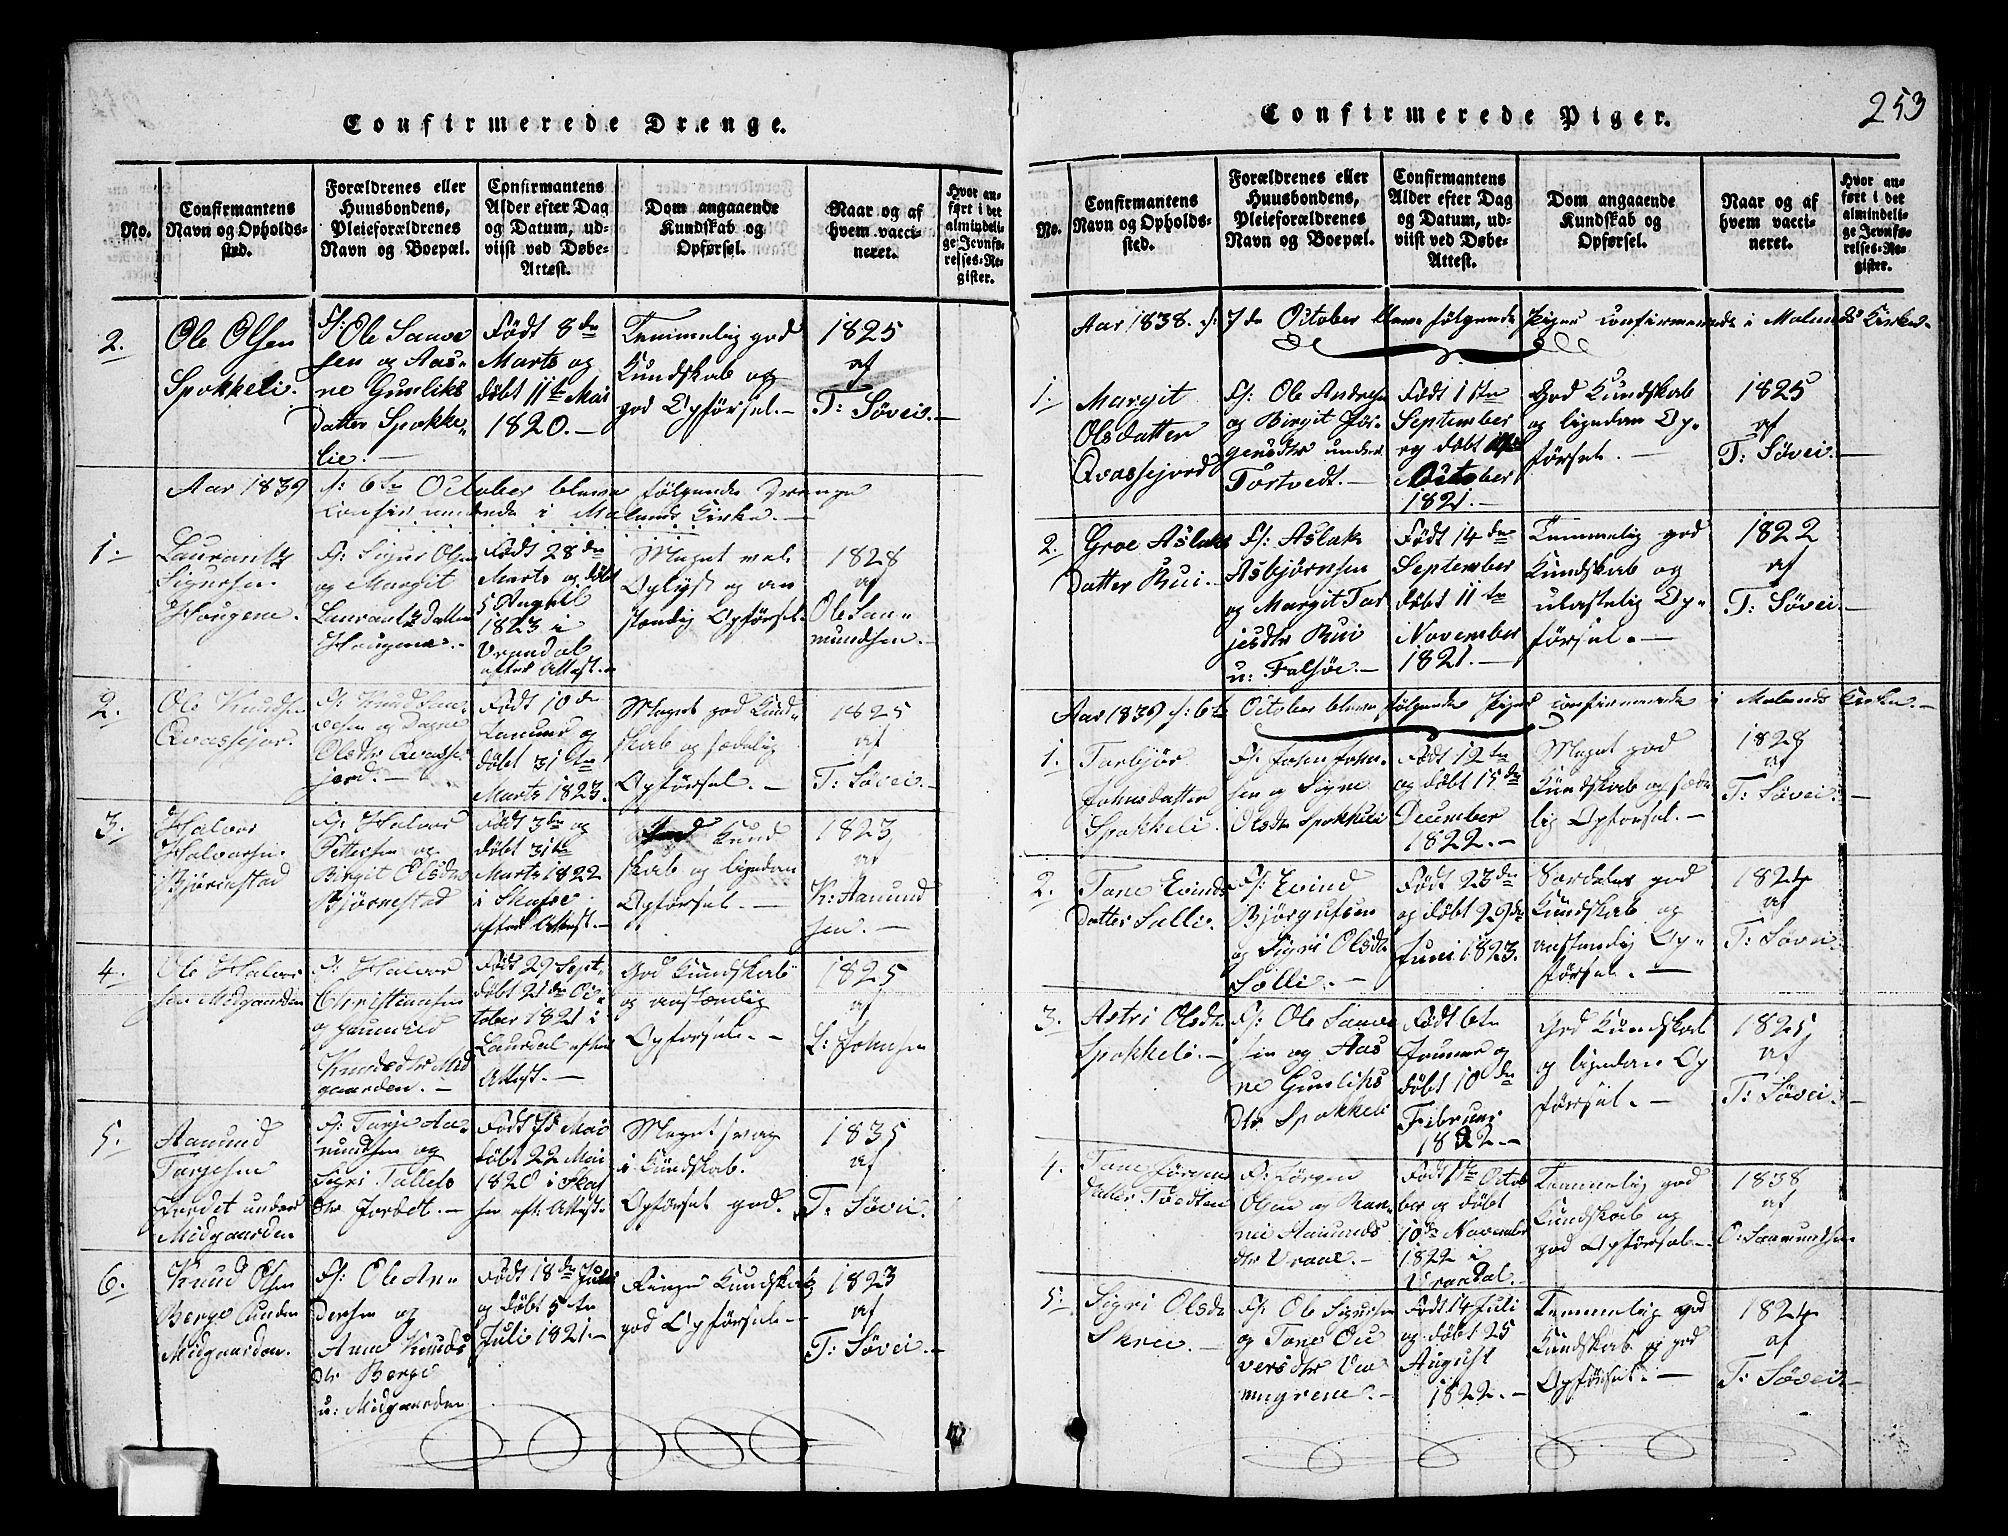 SAKO, Fyresdal kirkebøker, G/Ga/L0003: Klokkerbok nr. I 3, 1815-1863, s. 253